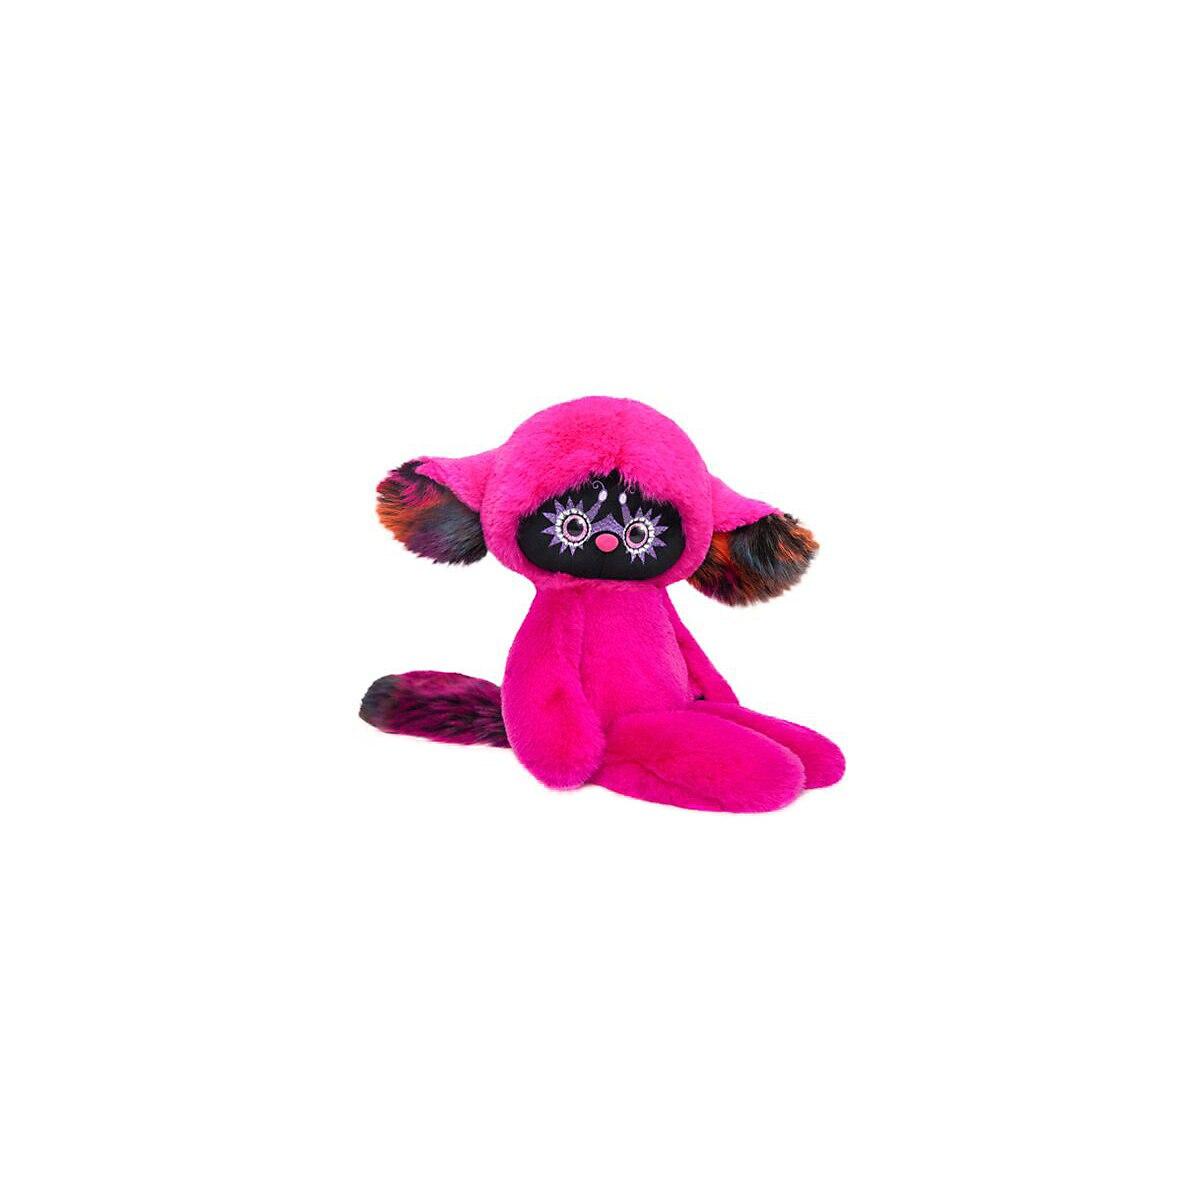 Animales de peluche y felpa 11371213 juguete para niños y niñas juguetes suaves para bebés